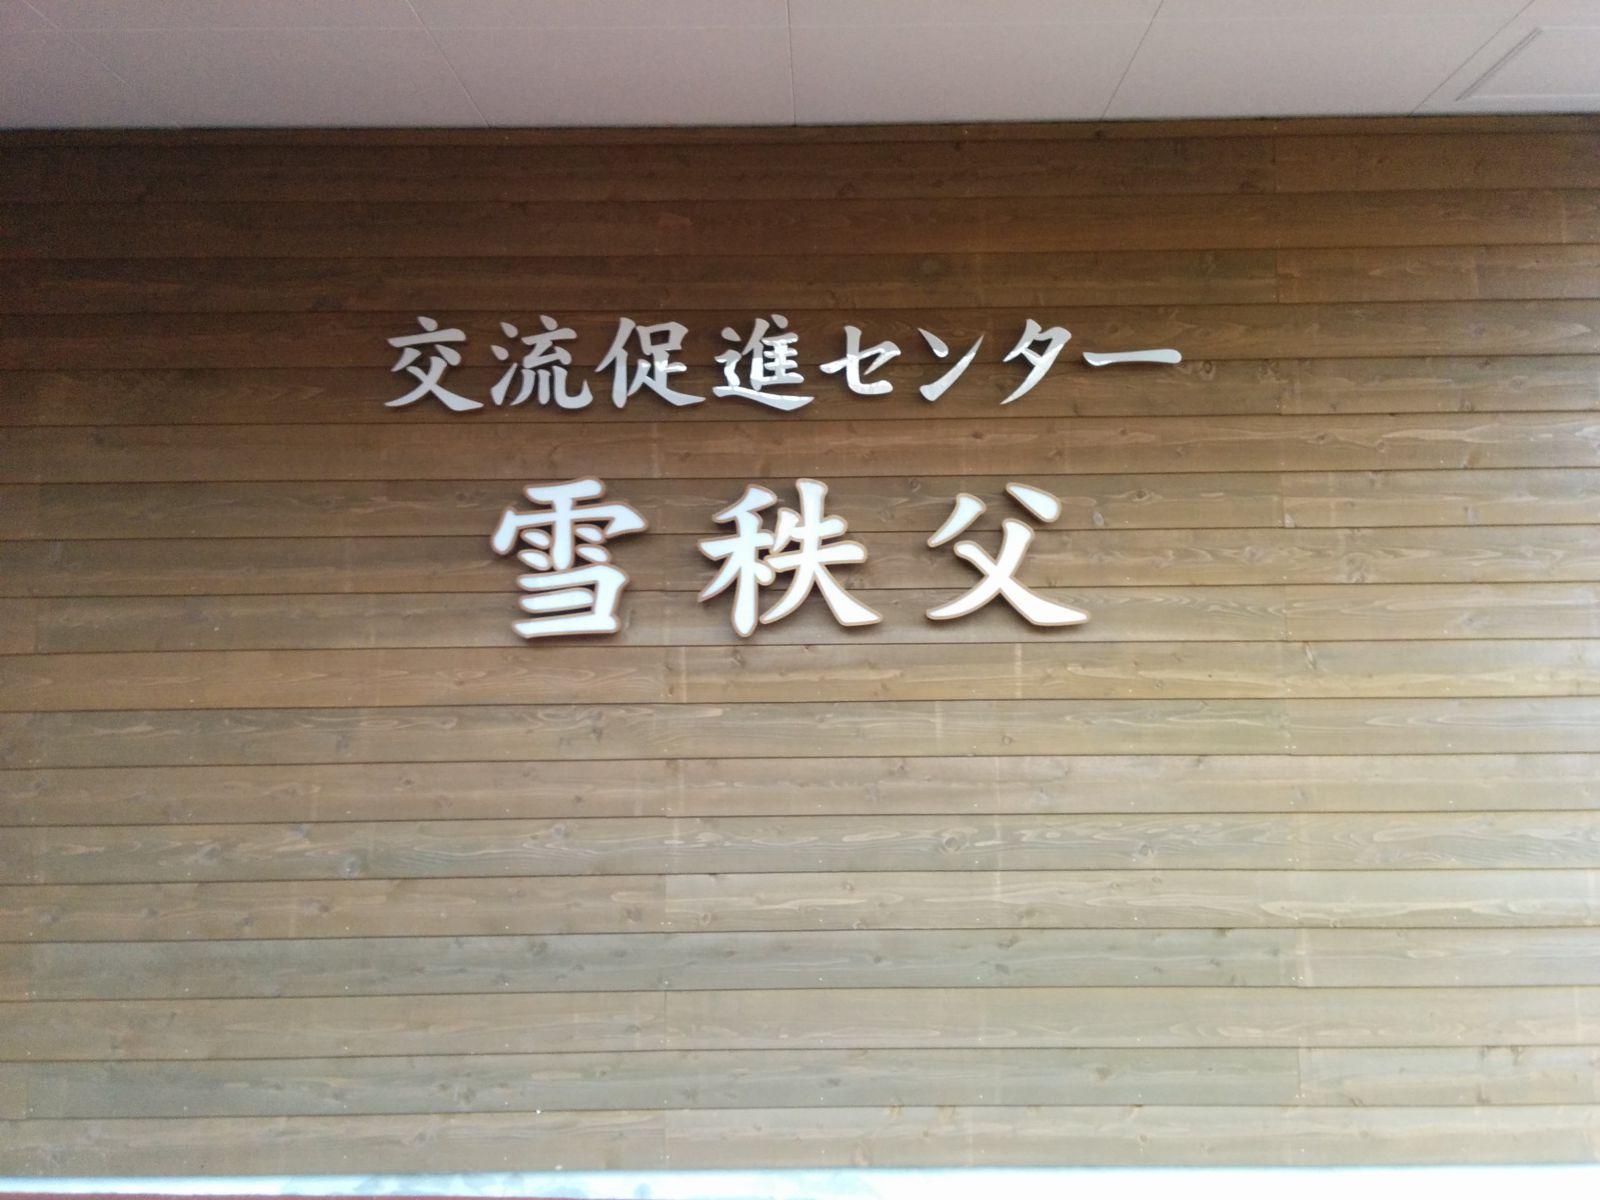 【ニセコ】湯本温泉雪秩父観光案内